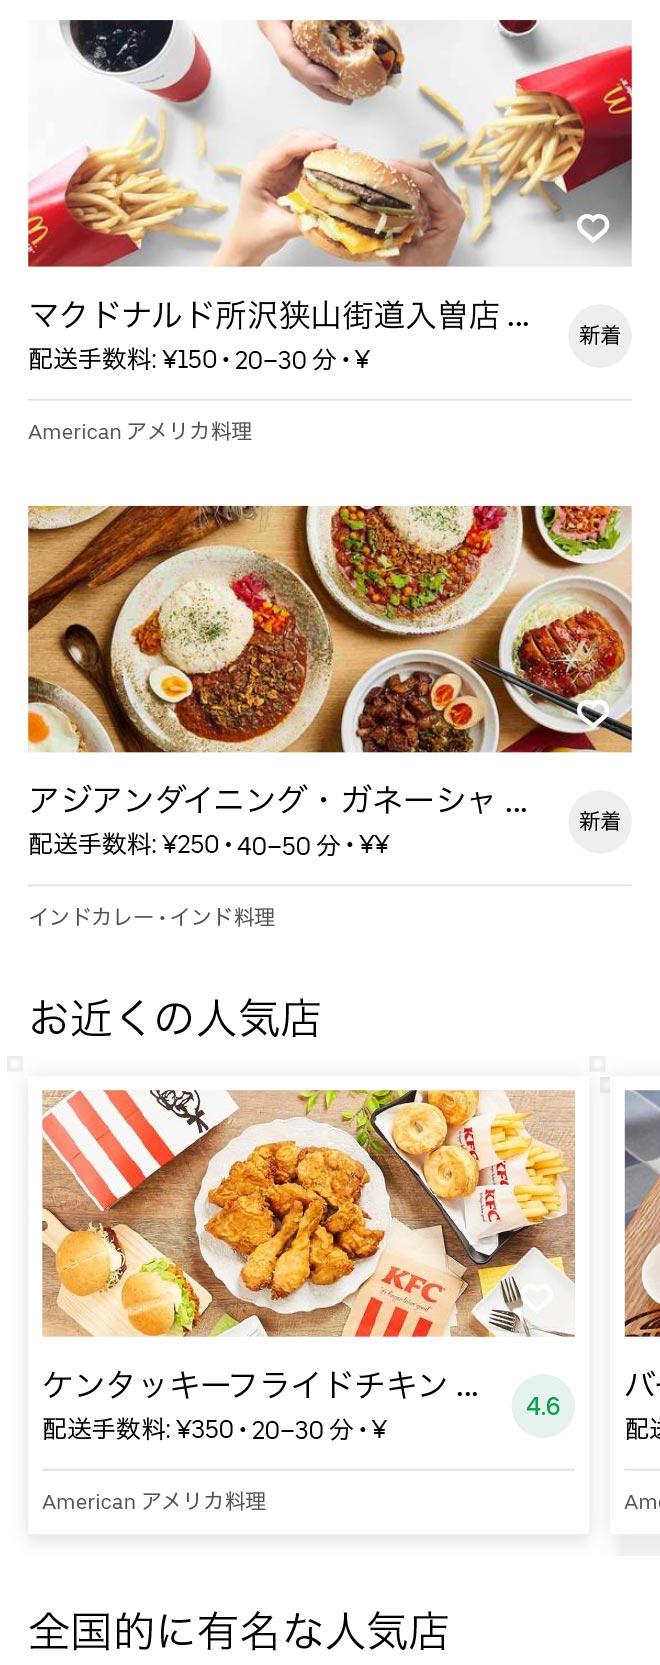 Iriso menu 2010 01